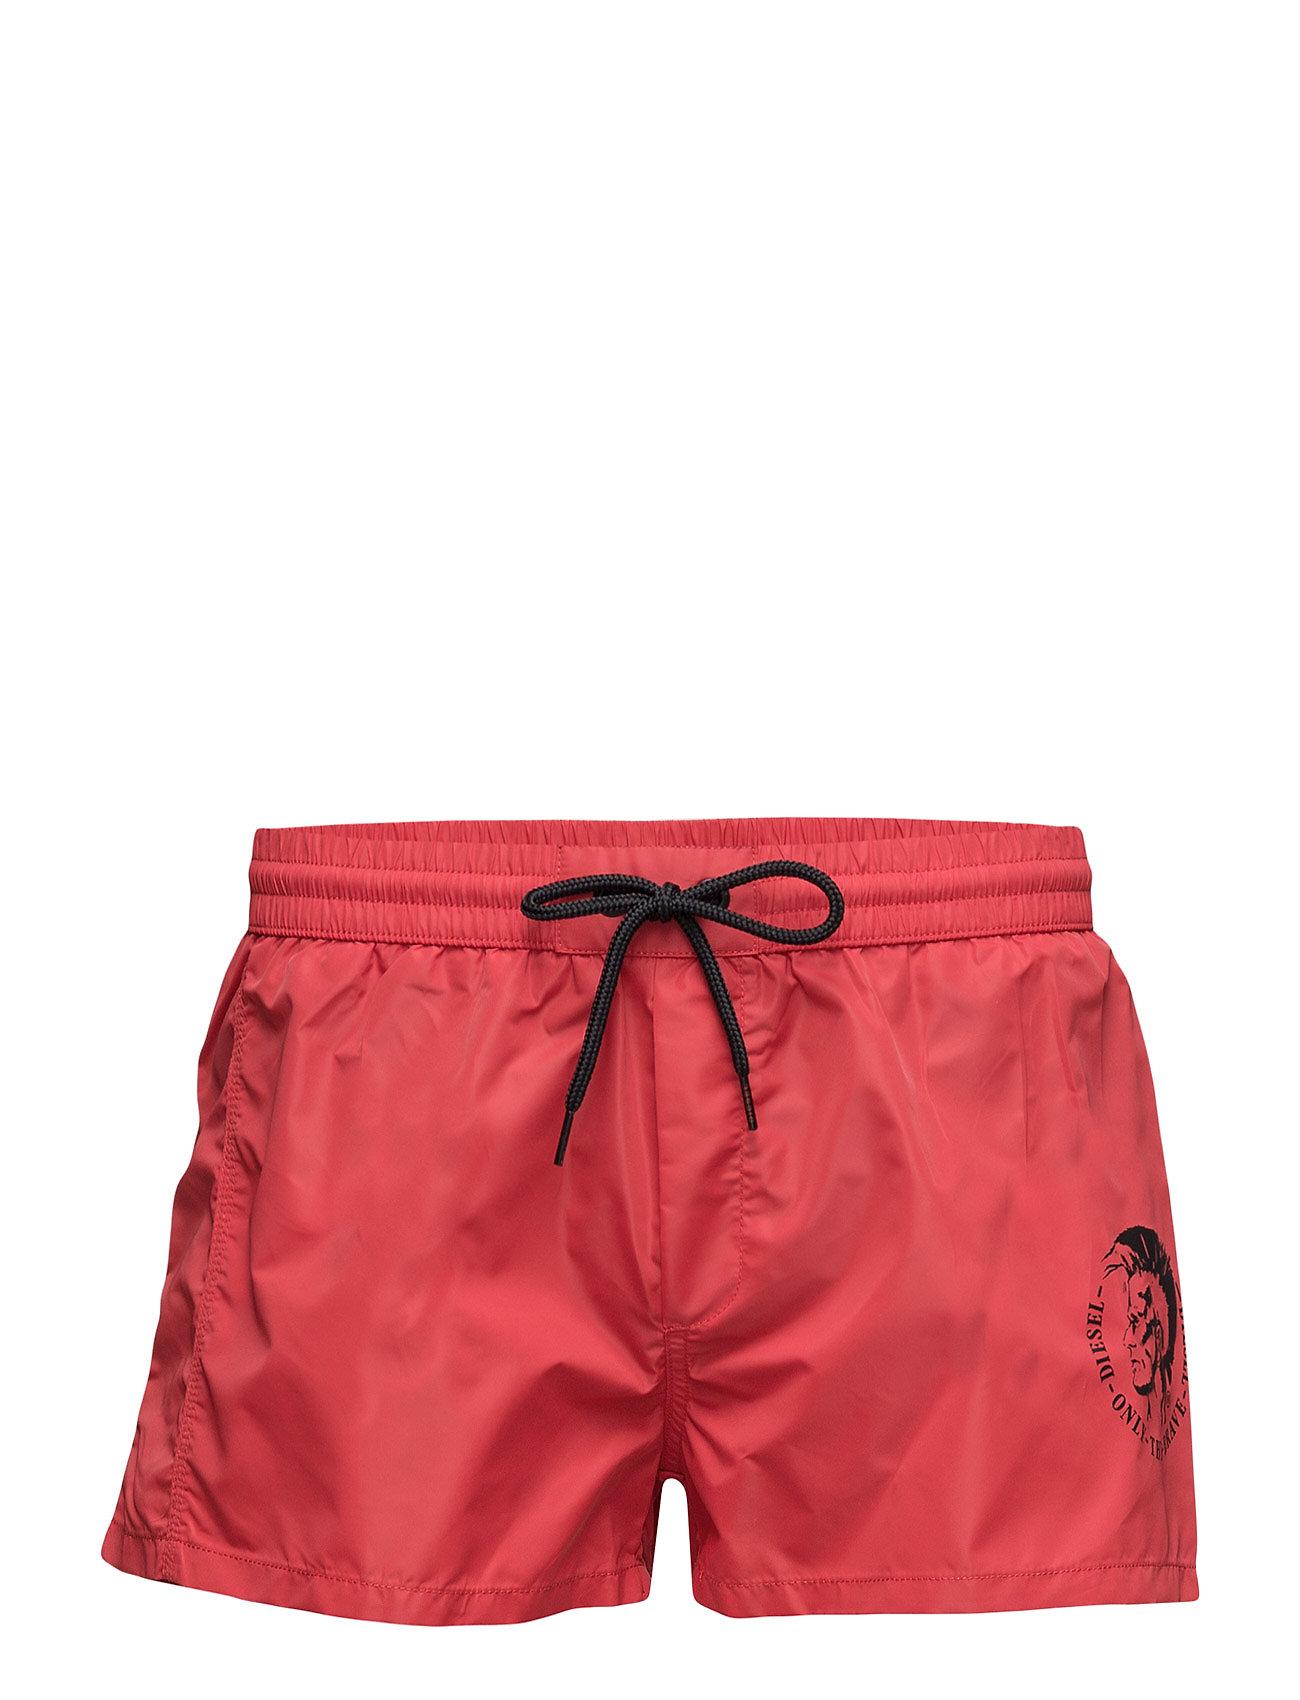 Bmbx-Sandy-E Shorts Diesel Men Shorts til Mænd i Sort